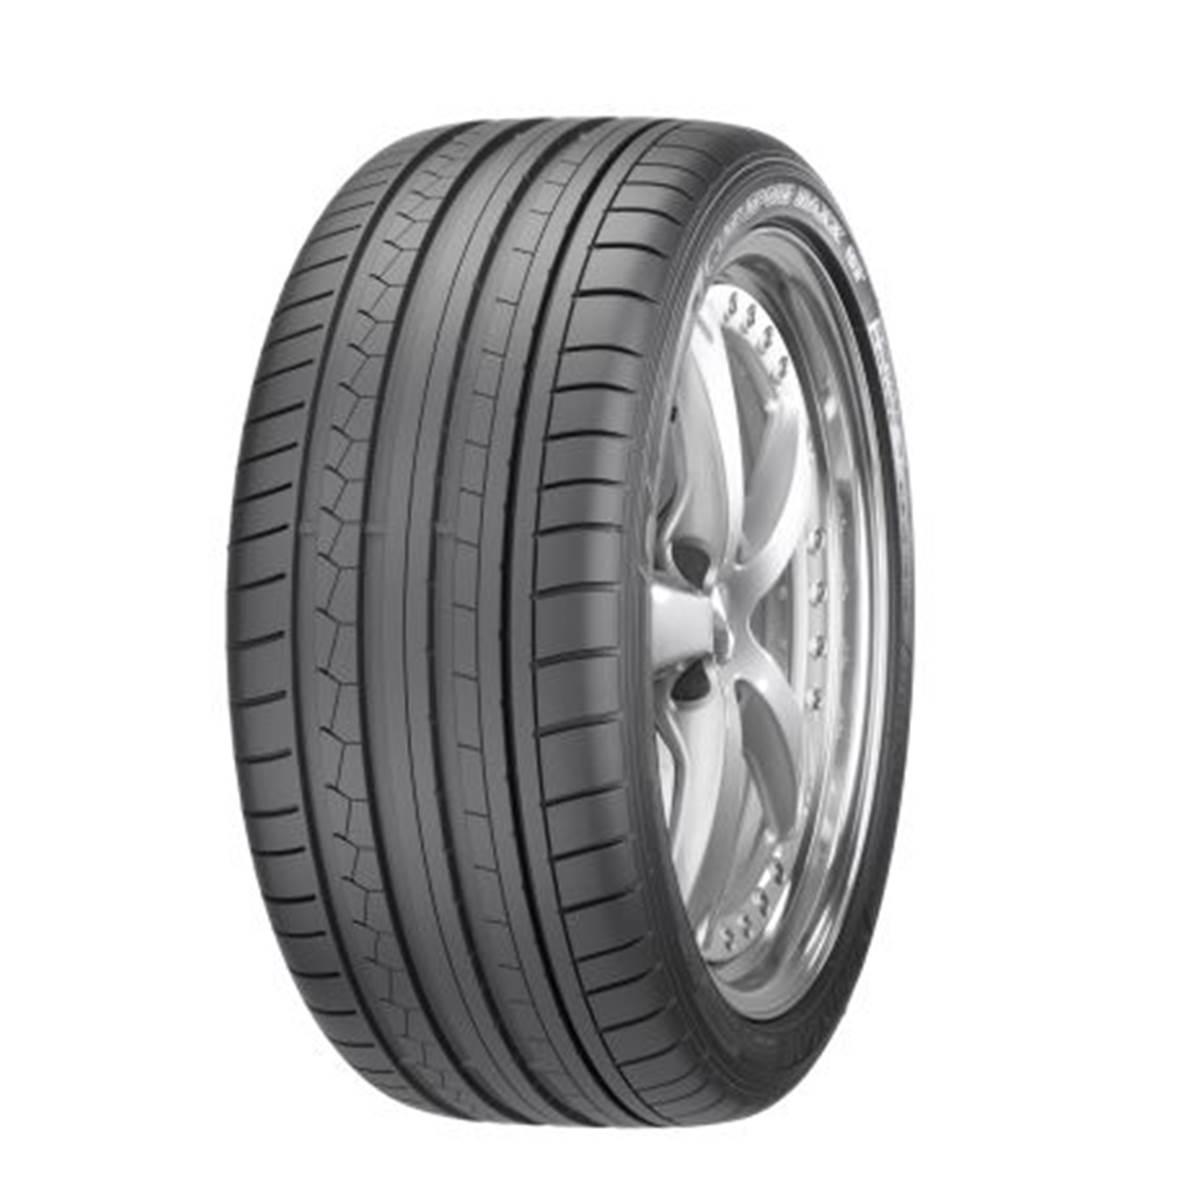 Dunlop Sp Sport Maxx Gt (*) Dsst Mfs Xl